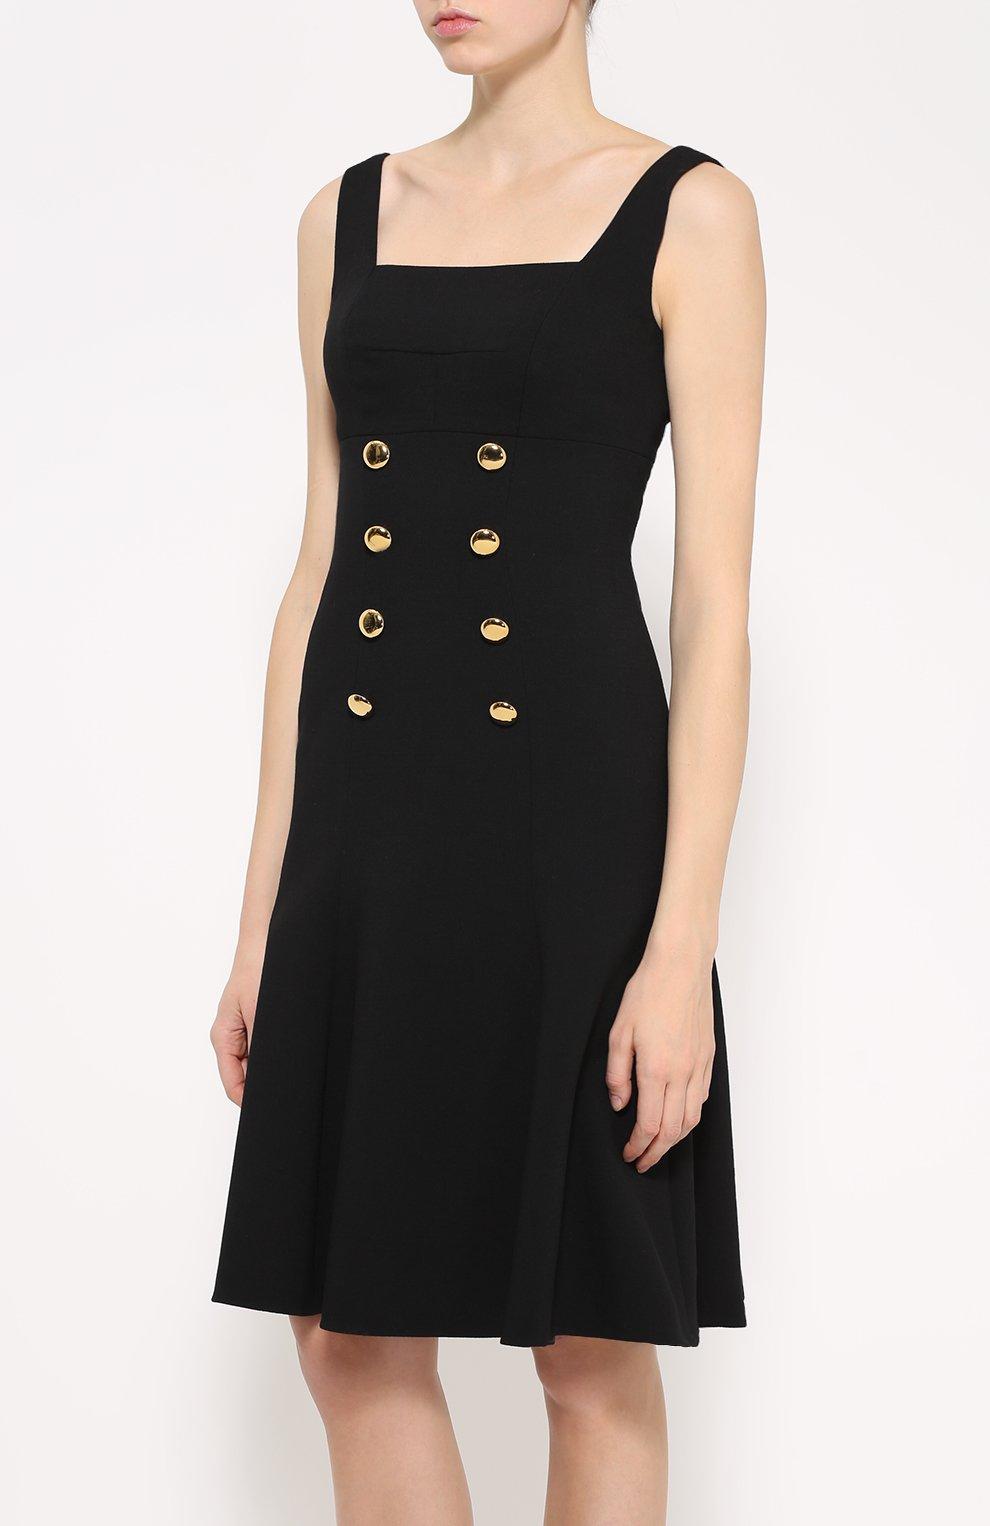 Приталенный сарафан с контрастными пуговицами Dolce & Gabbana черное | Фото №3